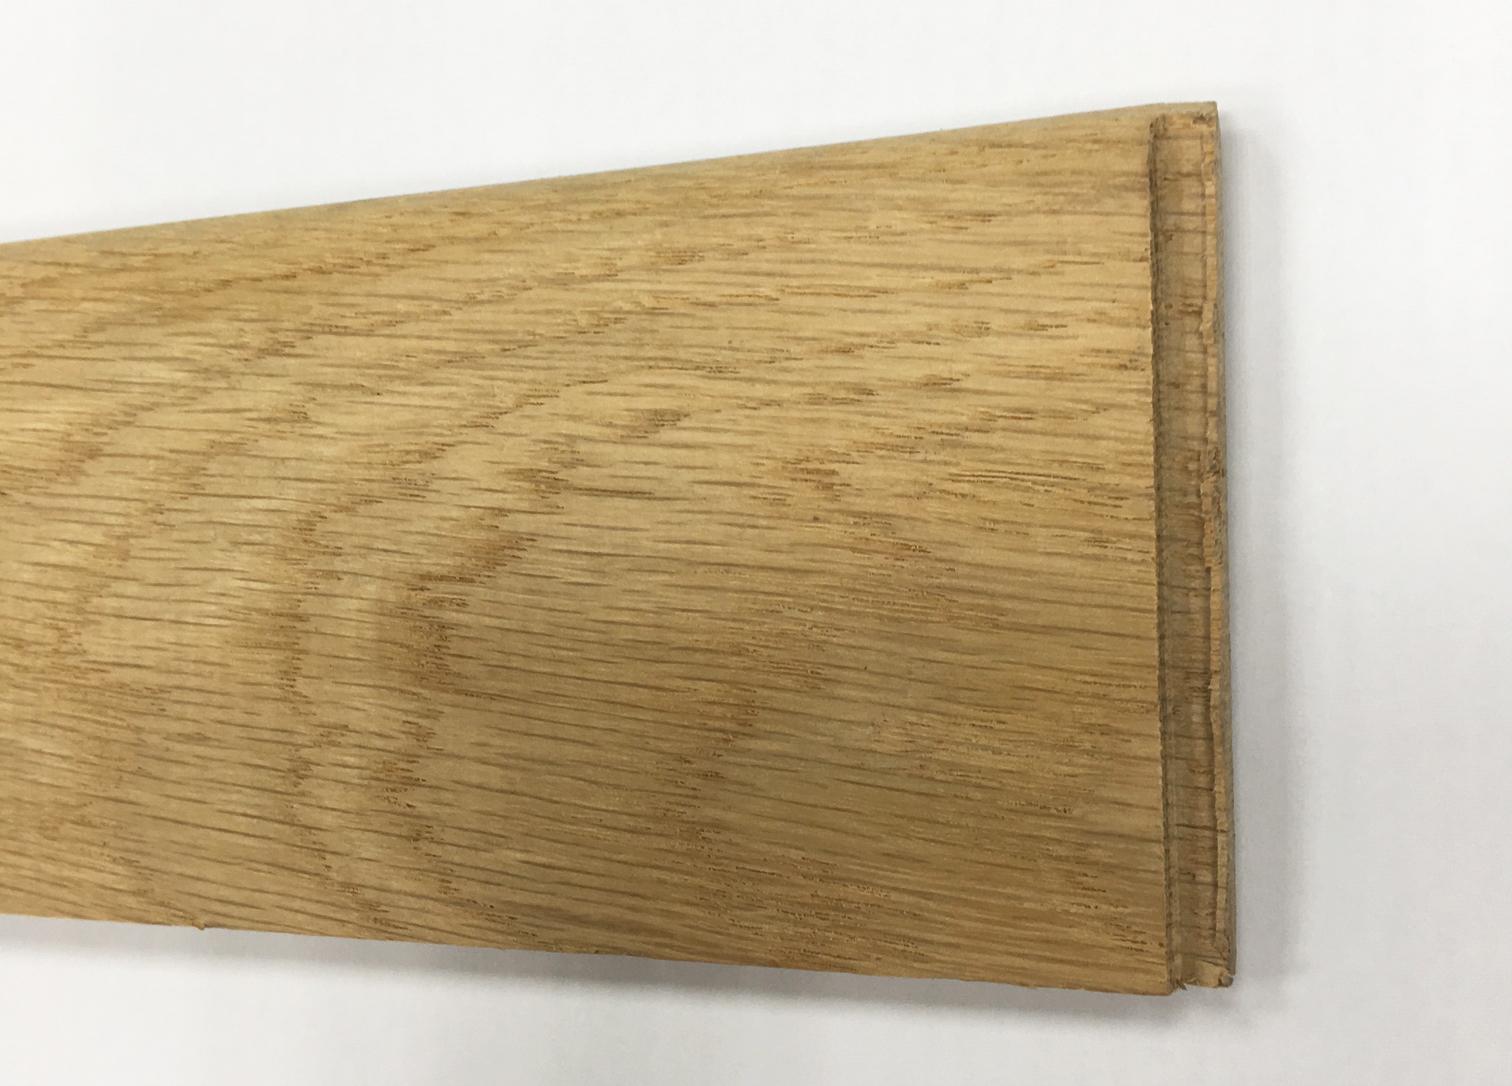 Plinthe de haute qualite - Plinthe chêne massif brut 70x10mm